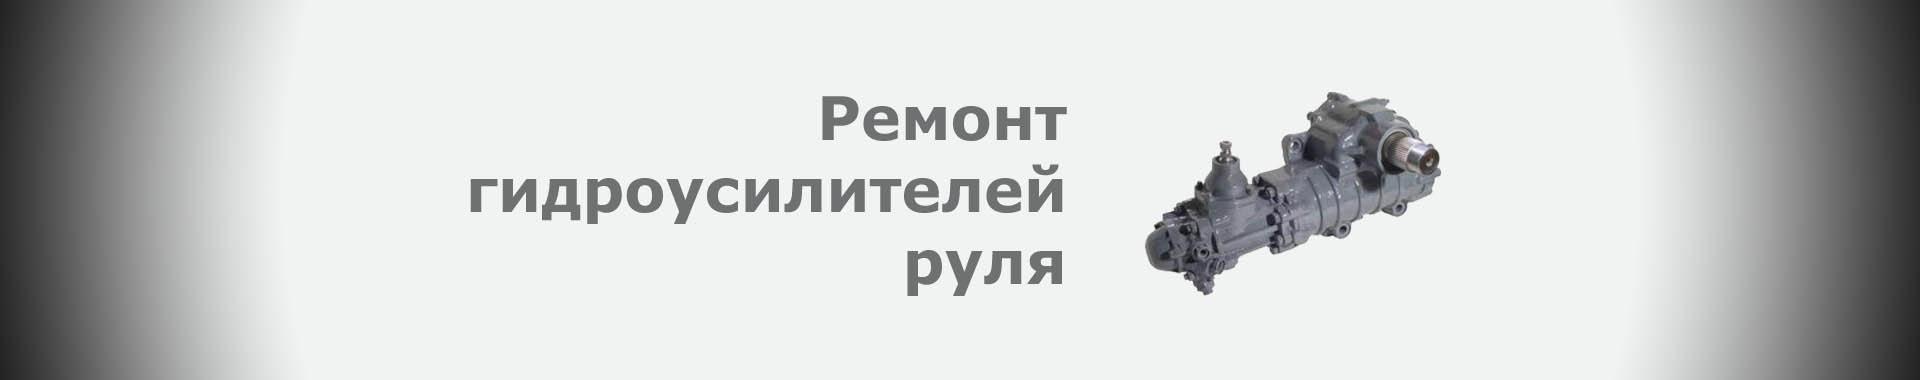 Ремонт гидроусилителей руля (ГУР)